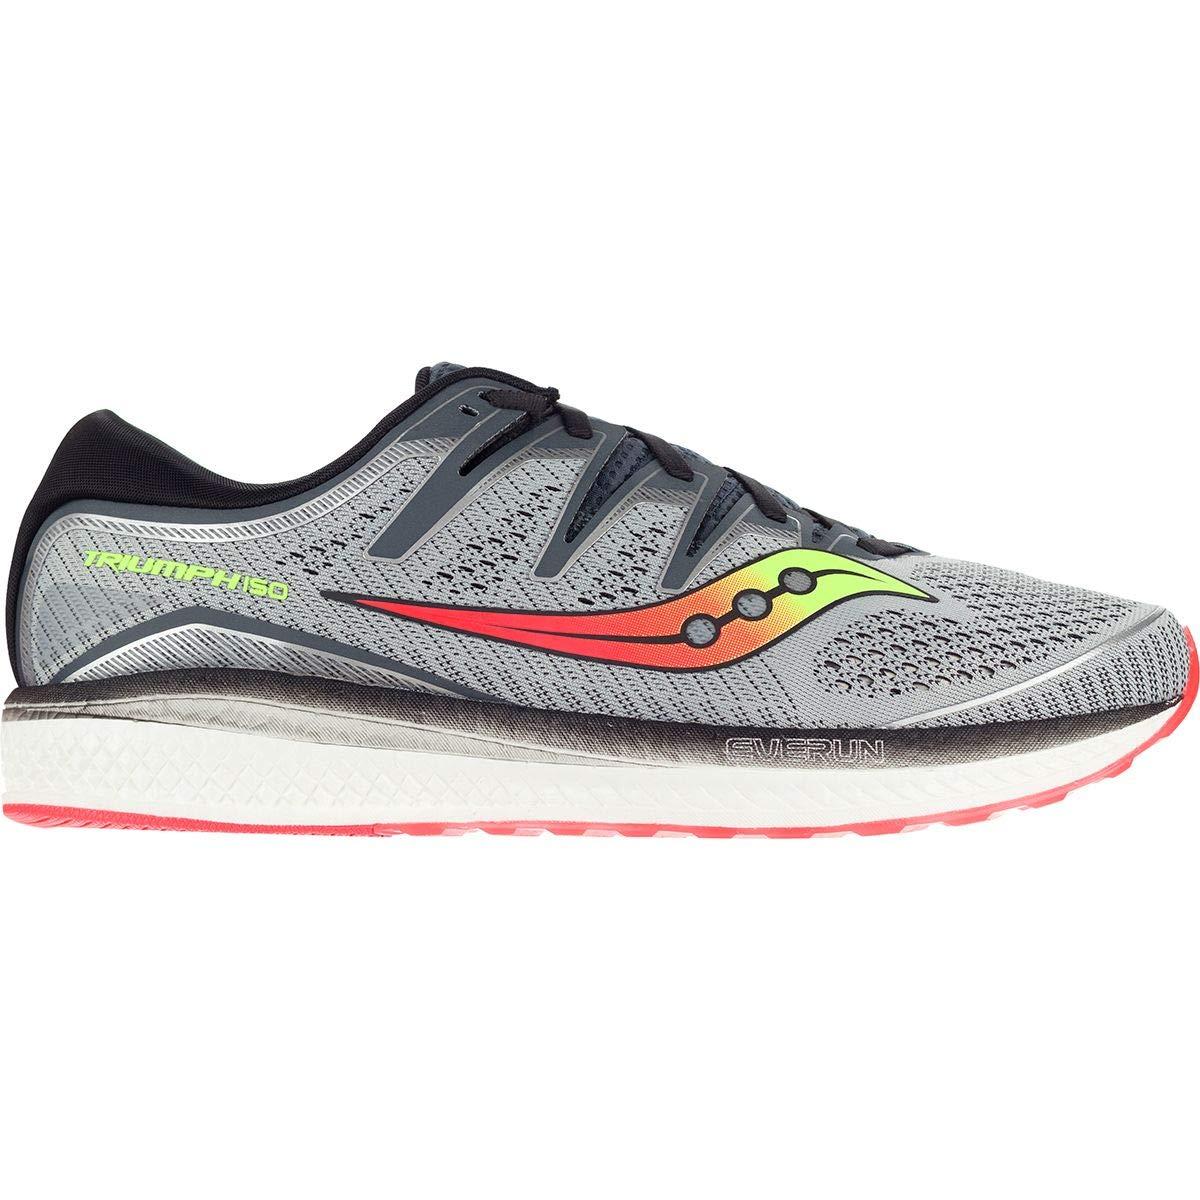 安価 [サッカニー] メンズ メンズ ランニング Triumph Shoe Iso 5 5 Running Shoe [並行輸入品] B07P25YQD1 9.5, 上中町:5395904b --- oil.xienttechnologies.net